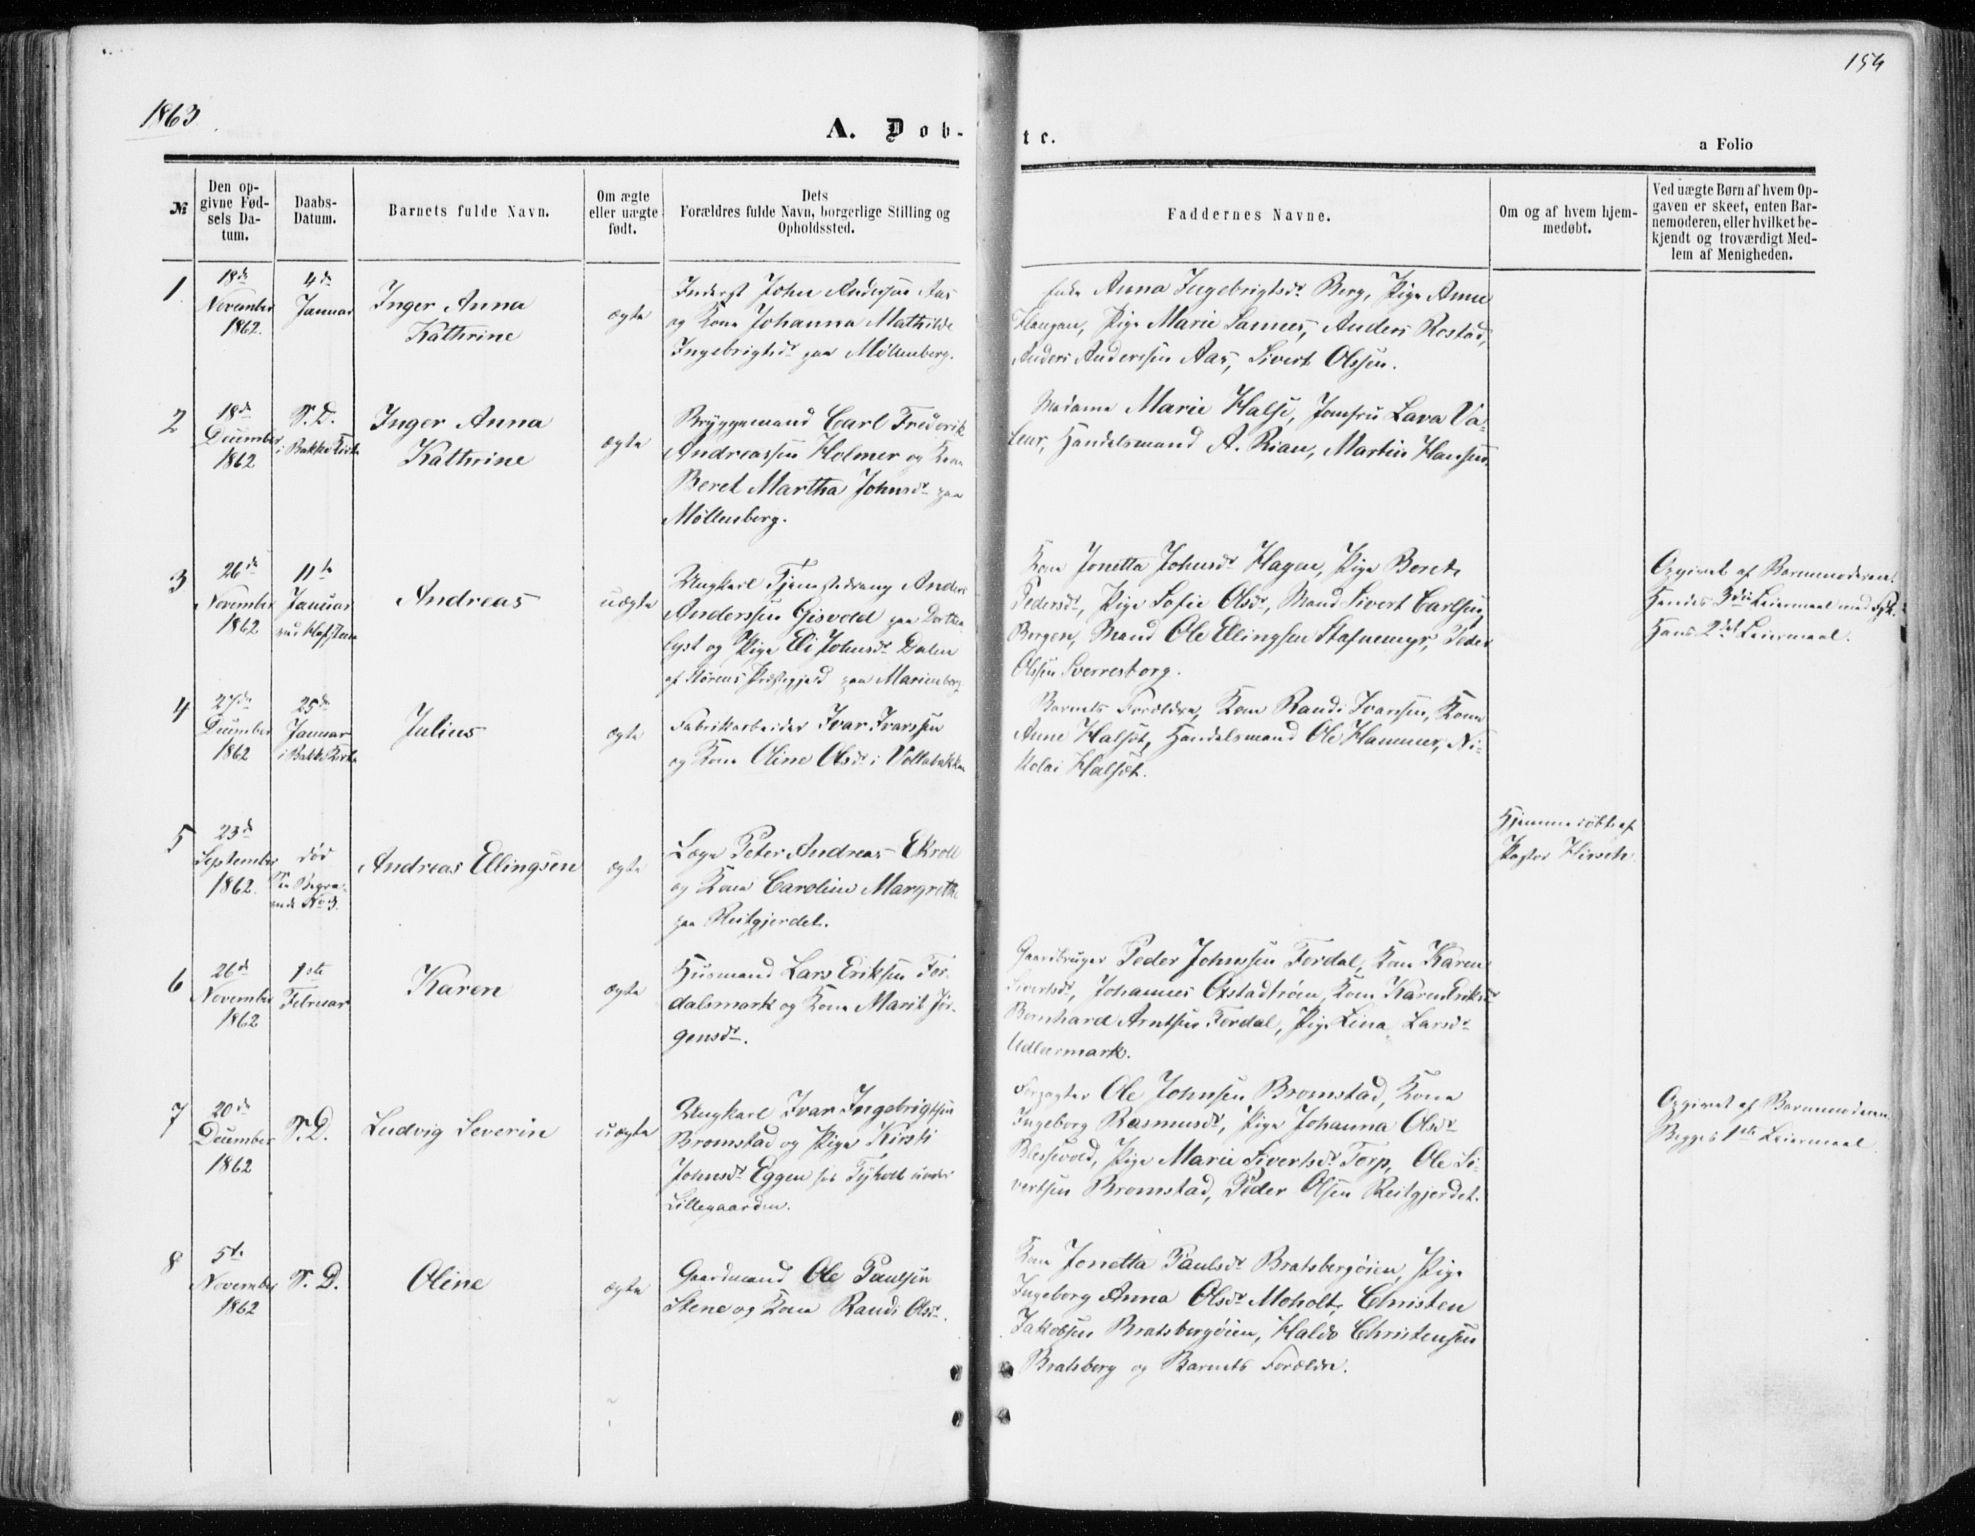 SAT, Ministerialprotokoller, klokkerbøker og fødselsregistre - Sør-Trøndelag, 606/L0292: Ministerialbok nr. 606A07, 1856-1865, s. 154